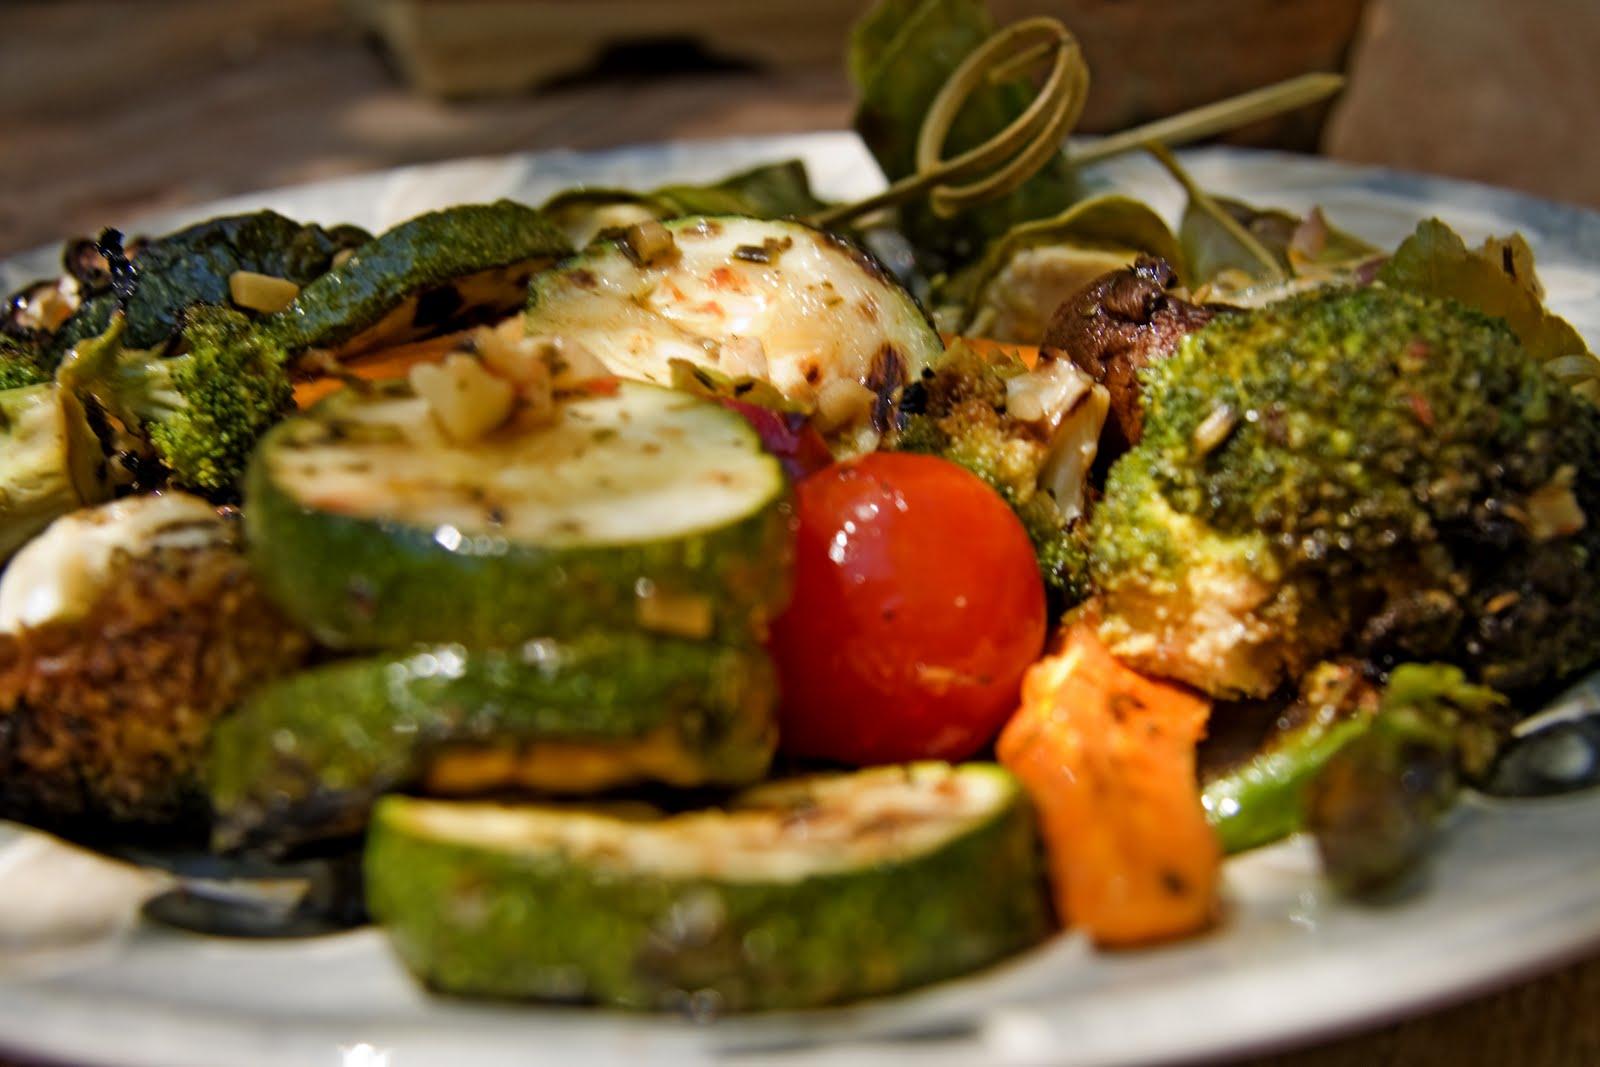 restaurantes de comida vegetariana em goi nia goi nia